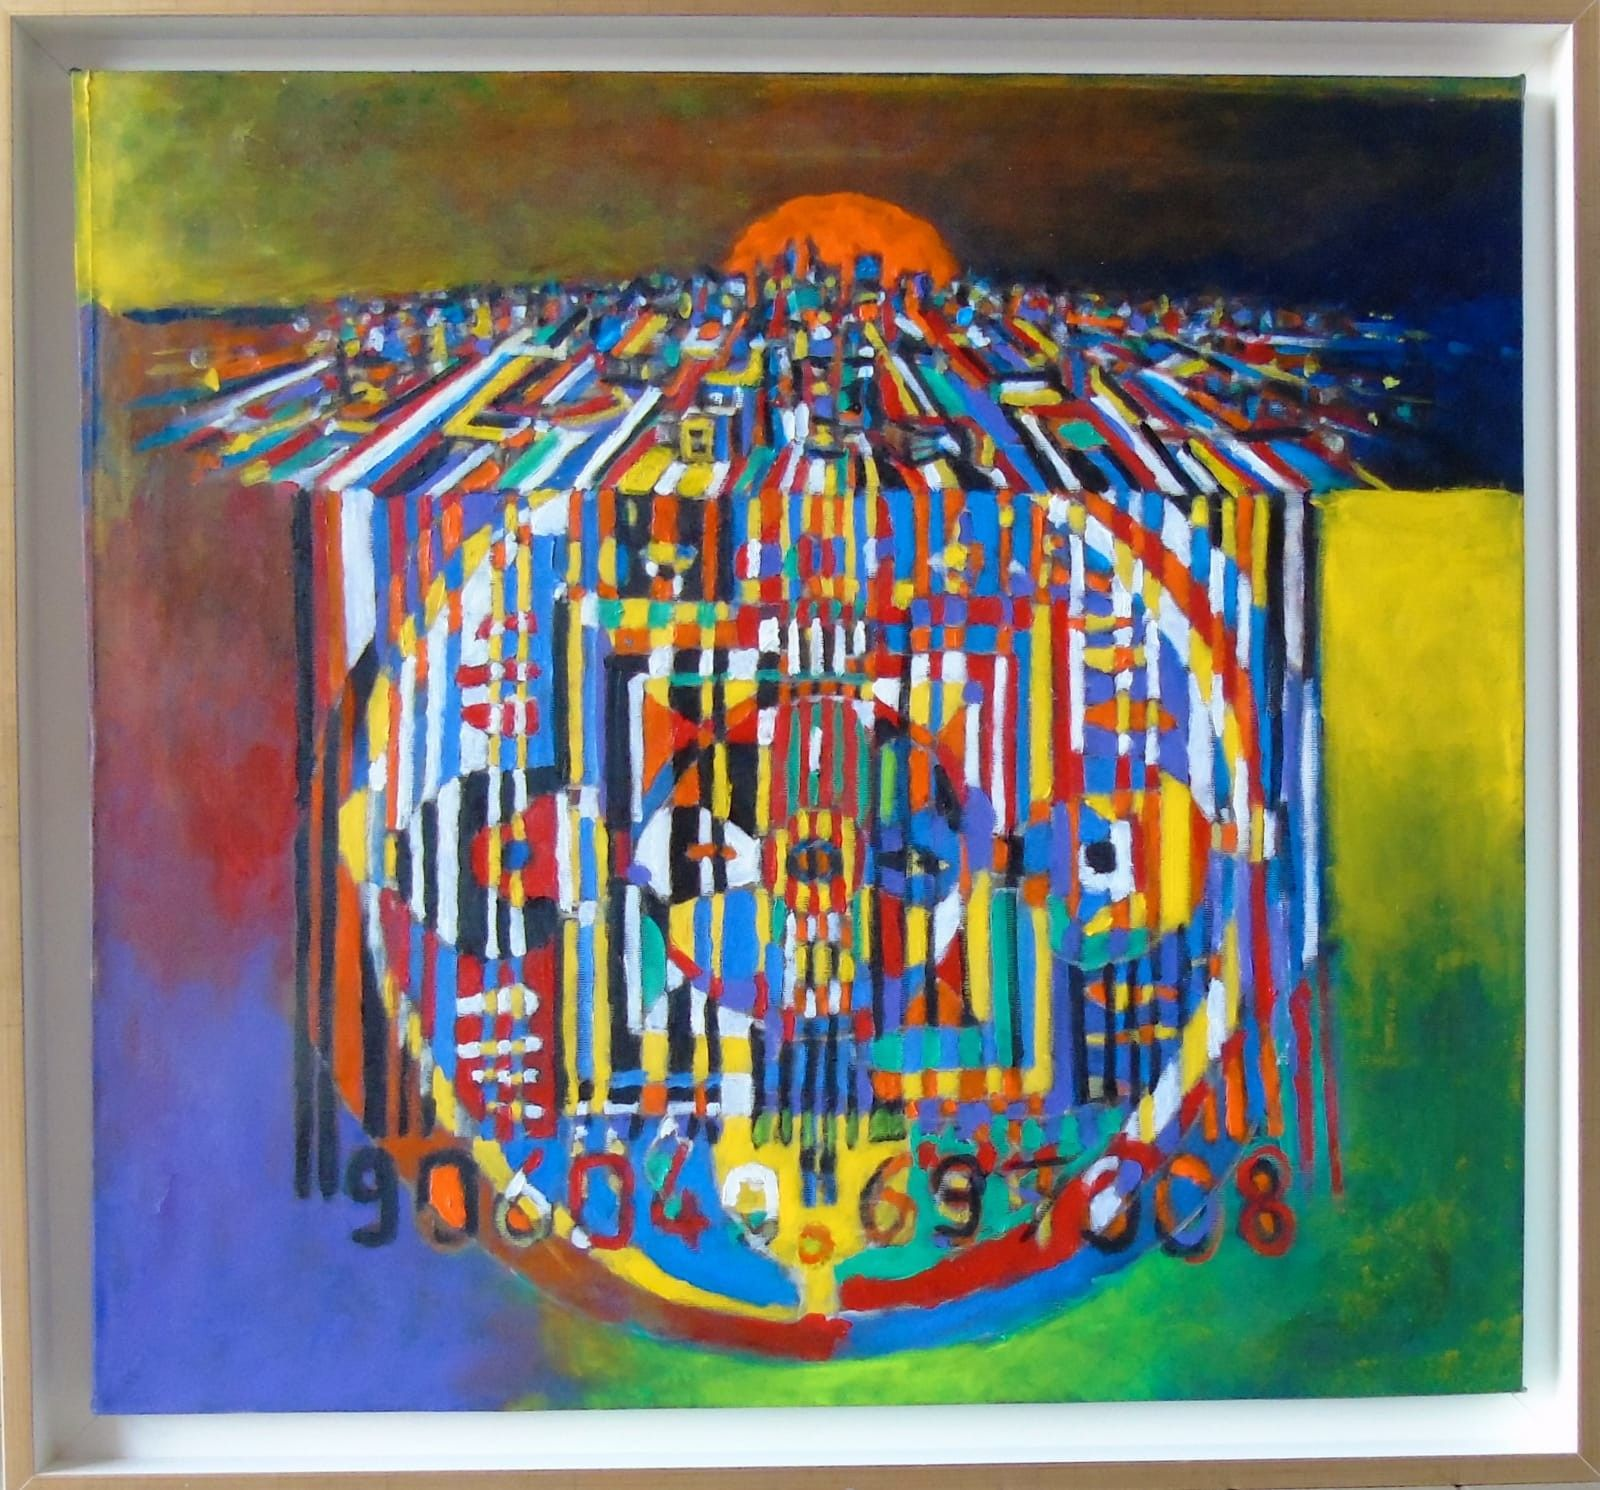 MIXED MEDIA SEBASTIAN DE GOBBIS ' CODECITY@MANDALA 2 '  dimensioni L 63 x H 68 cm.